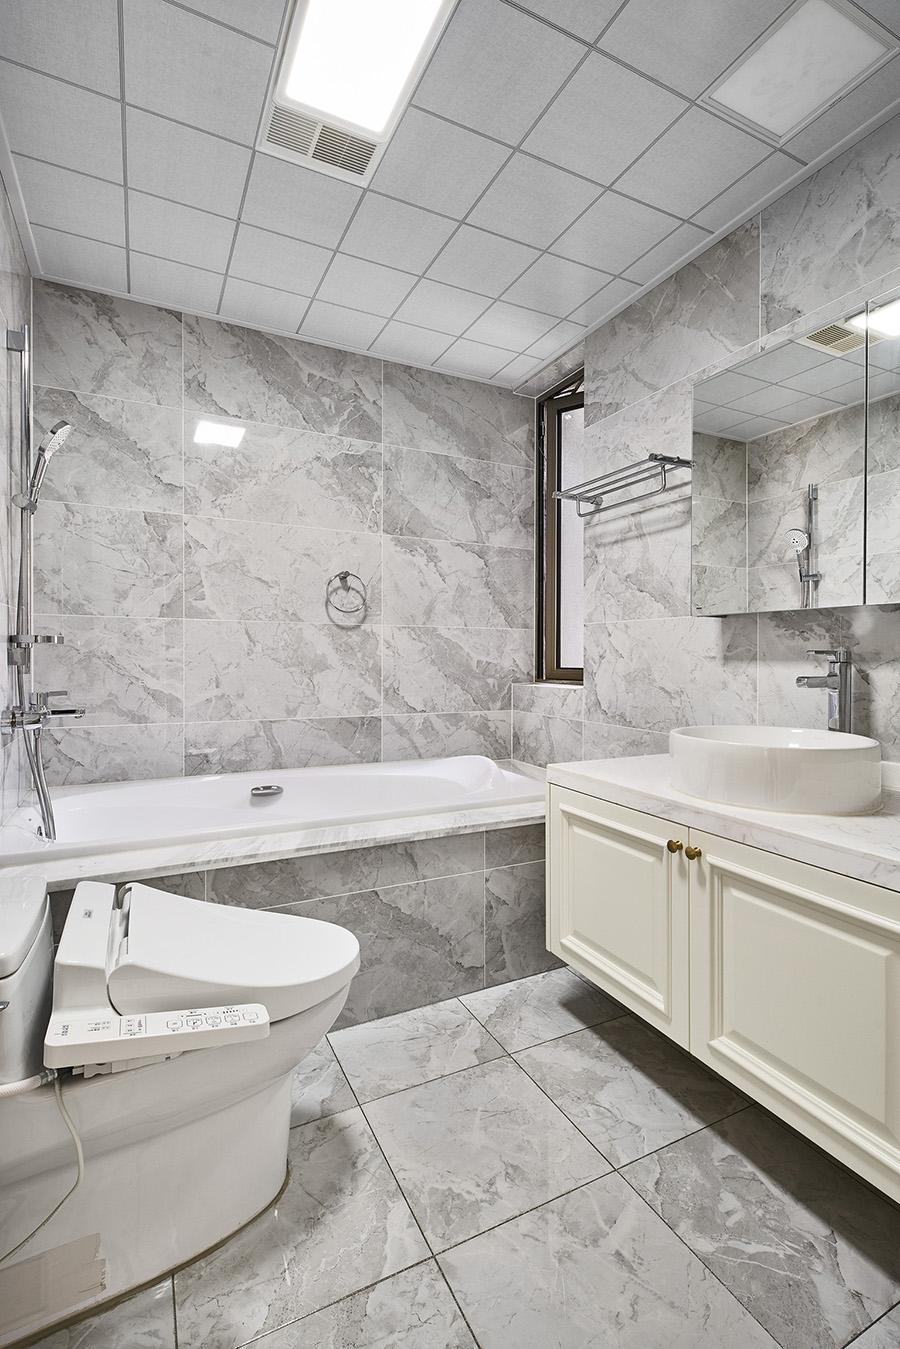 卫生间结构紧凑,巧妙利用大量花色大理石铺贴,使室内充满精致怡然的氛围。